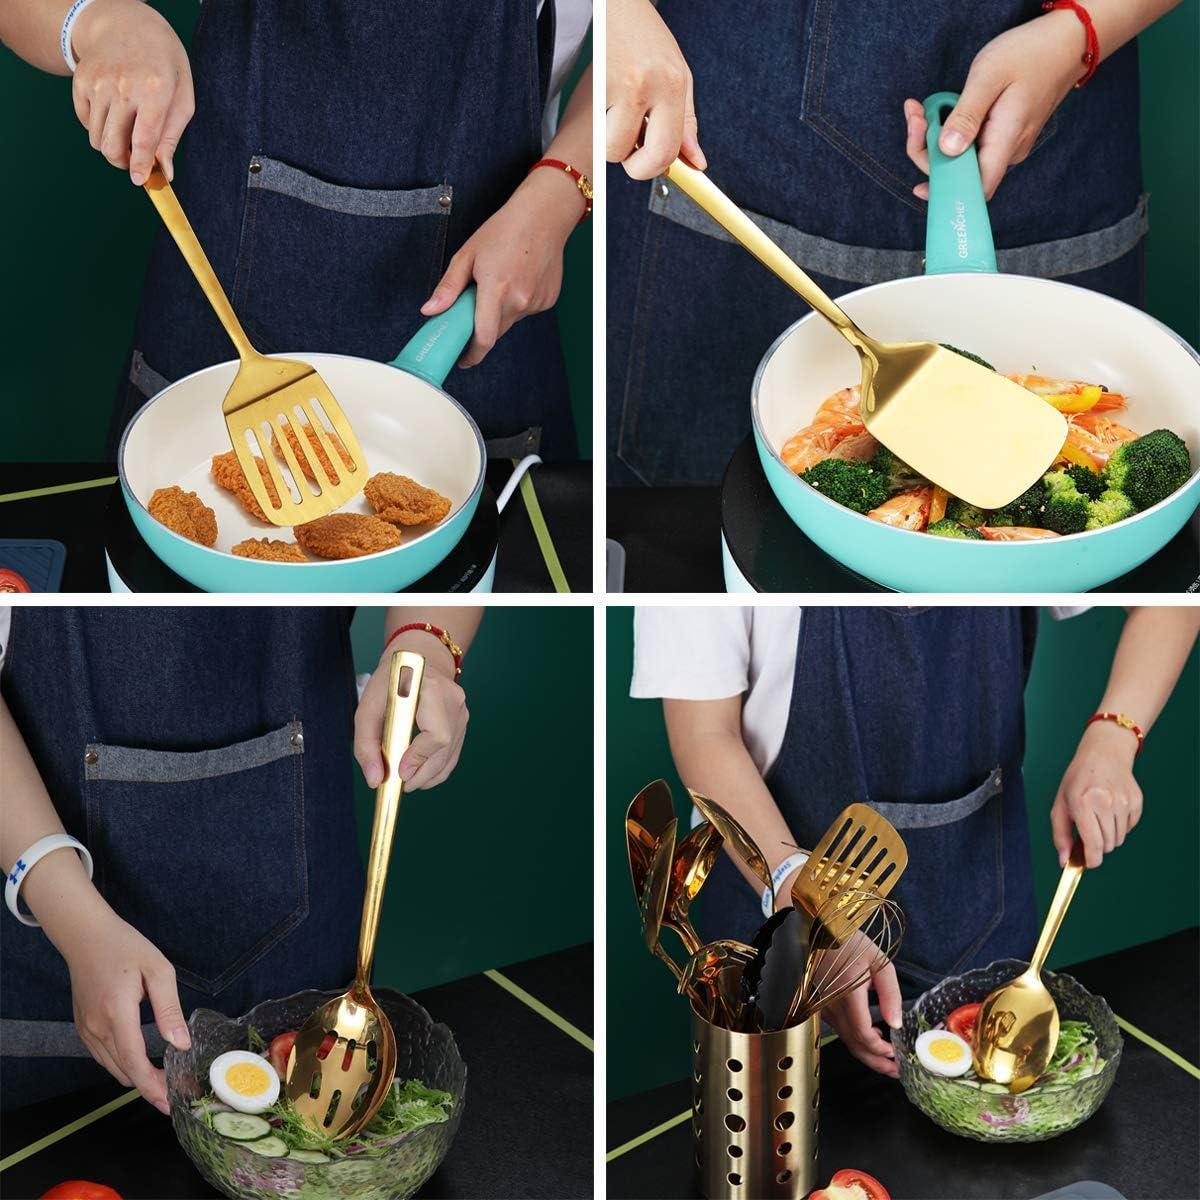 13 piezas juego de cucharas de cocina de titanio chapado en oro con soporte para utensilios Berglander Juego de utensilios de cocina de acero inoxidable dorado apto para lavavajillas